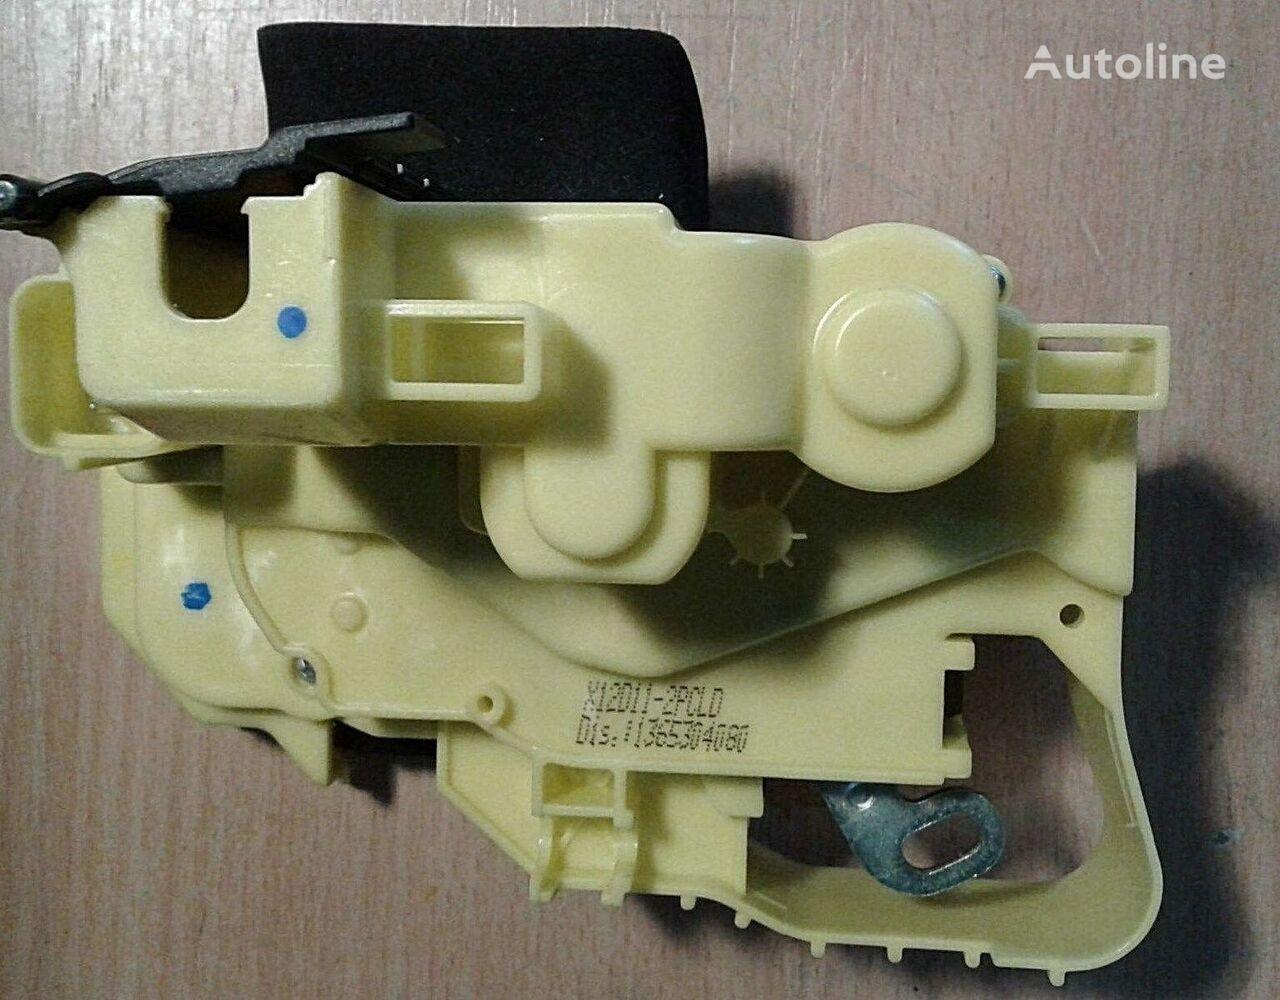 FIAT (1365304080) cerradura para camión